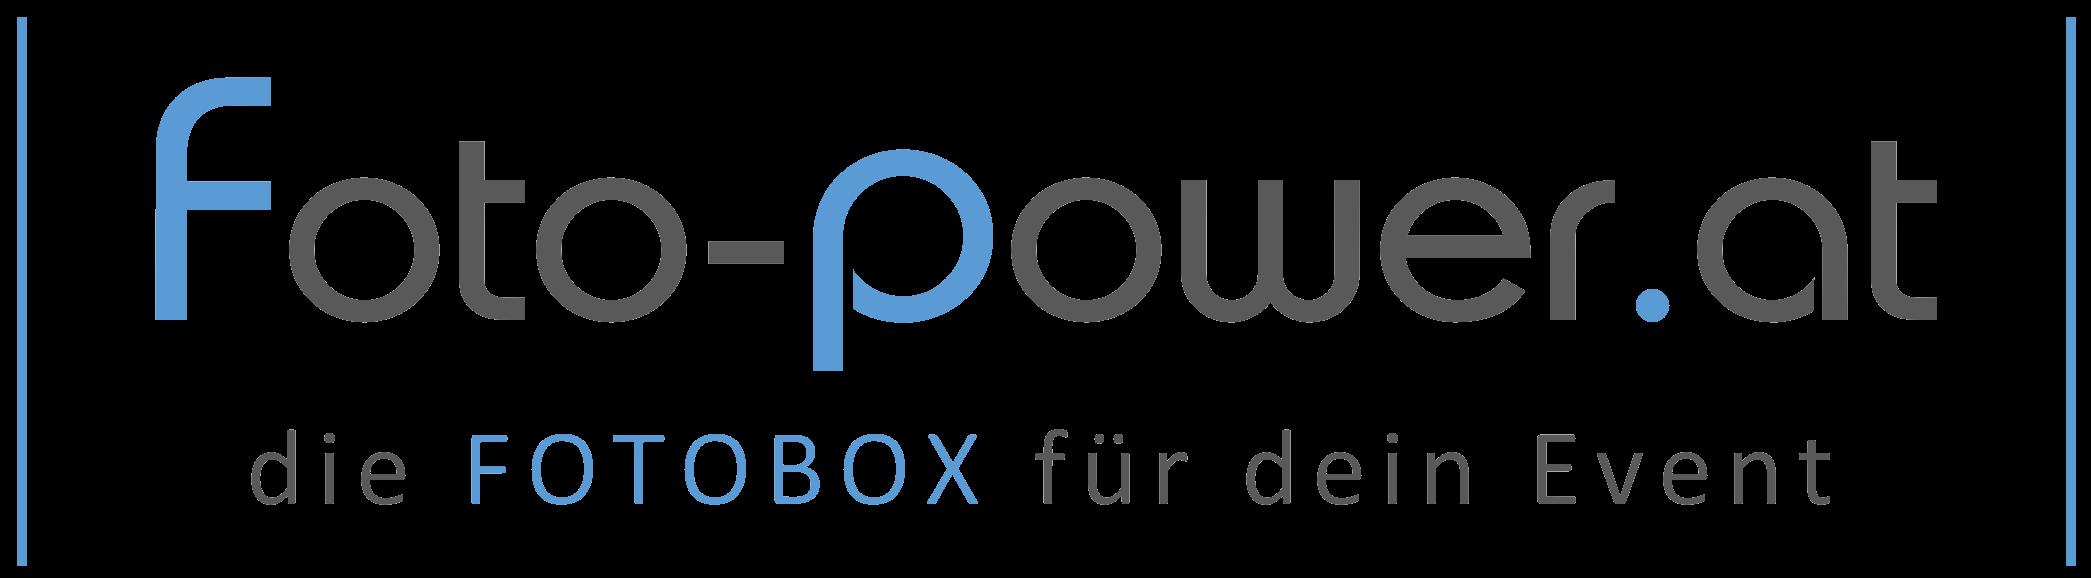 Foto-Power LOGO (die Fotobox für dein Event)